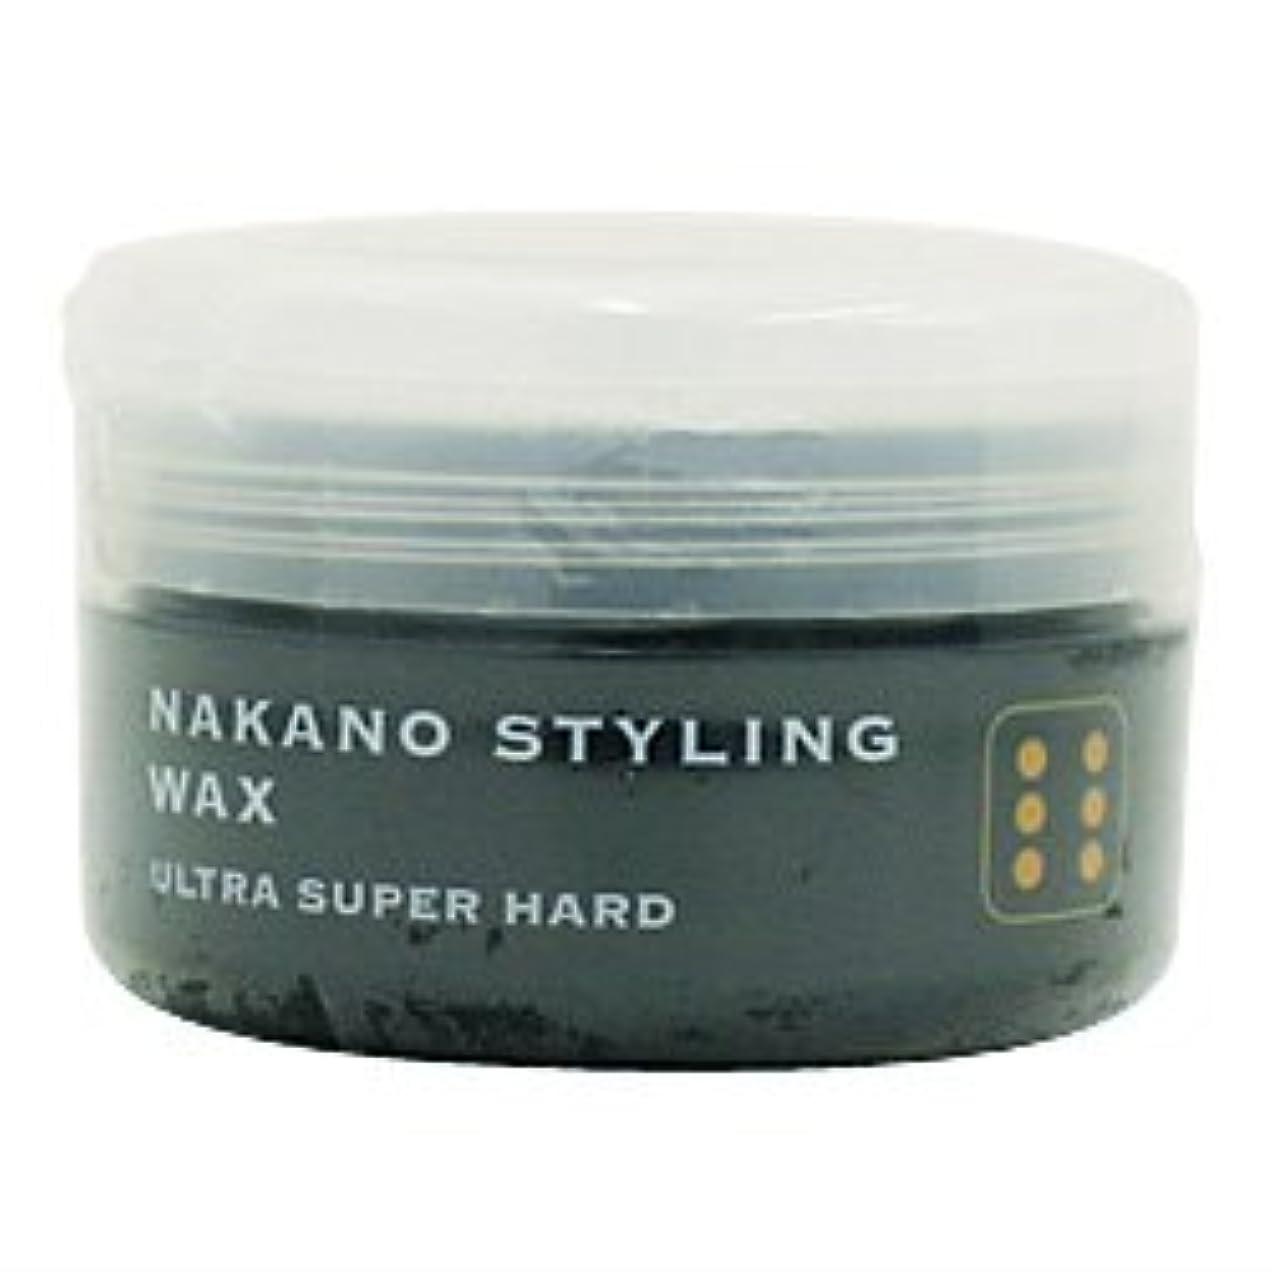 リスト鹿不利益ナカノ スタイリングワックス 6 ウルトラスーパーハード 90g 中野製薬 NAKANO